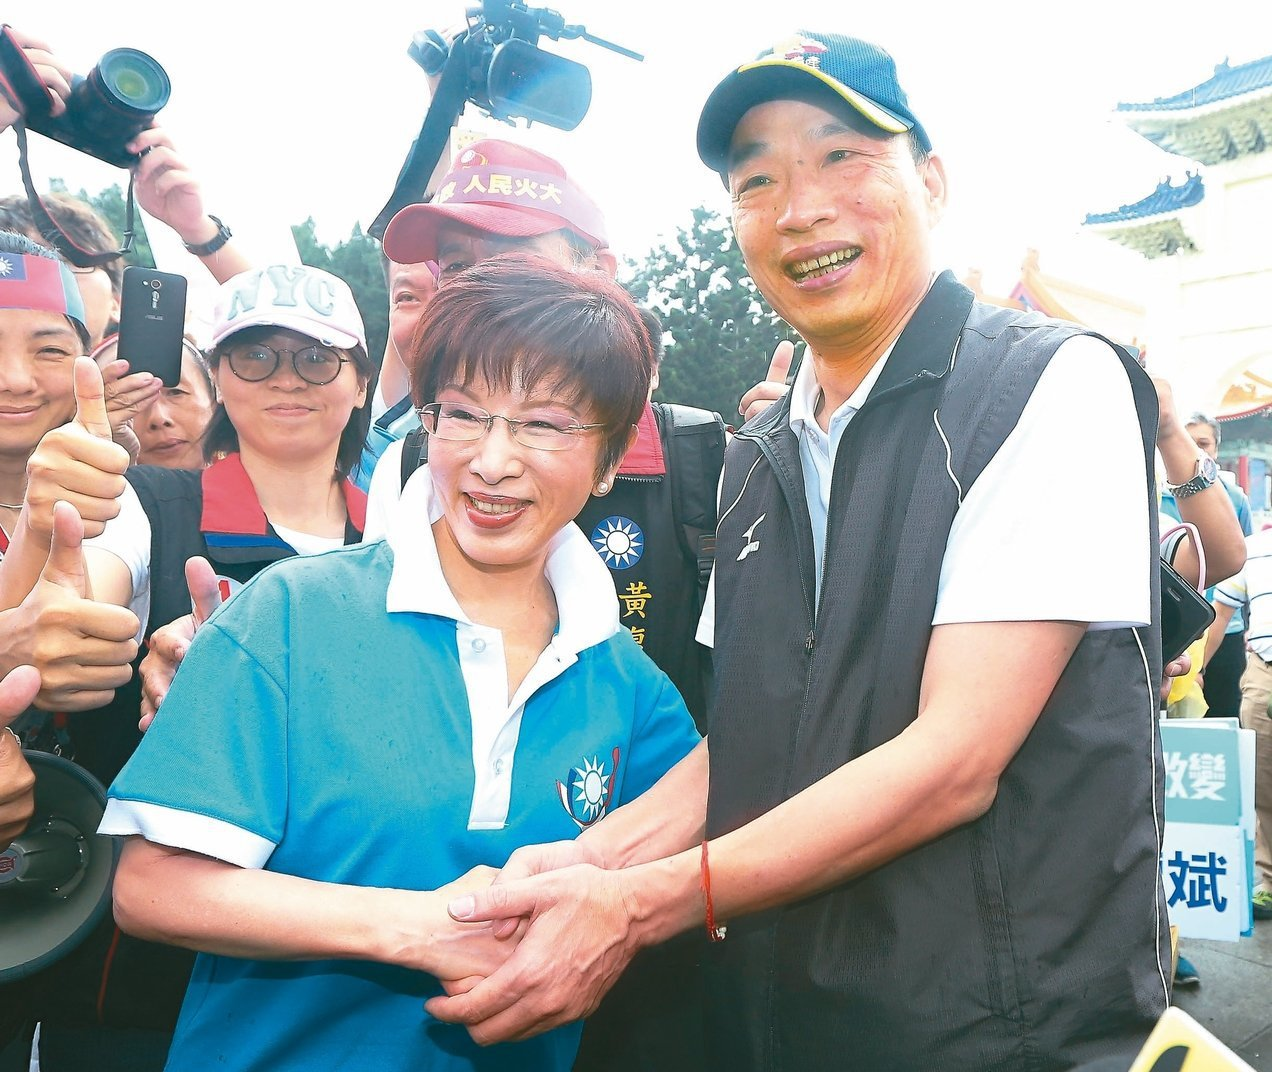 國民黨前主席洪秀柱與高雄市長韓國瑜。本報資料照片 圖╱聯合報系資料照片